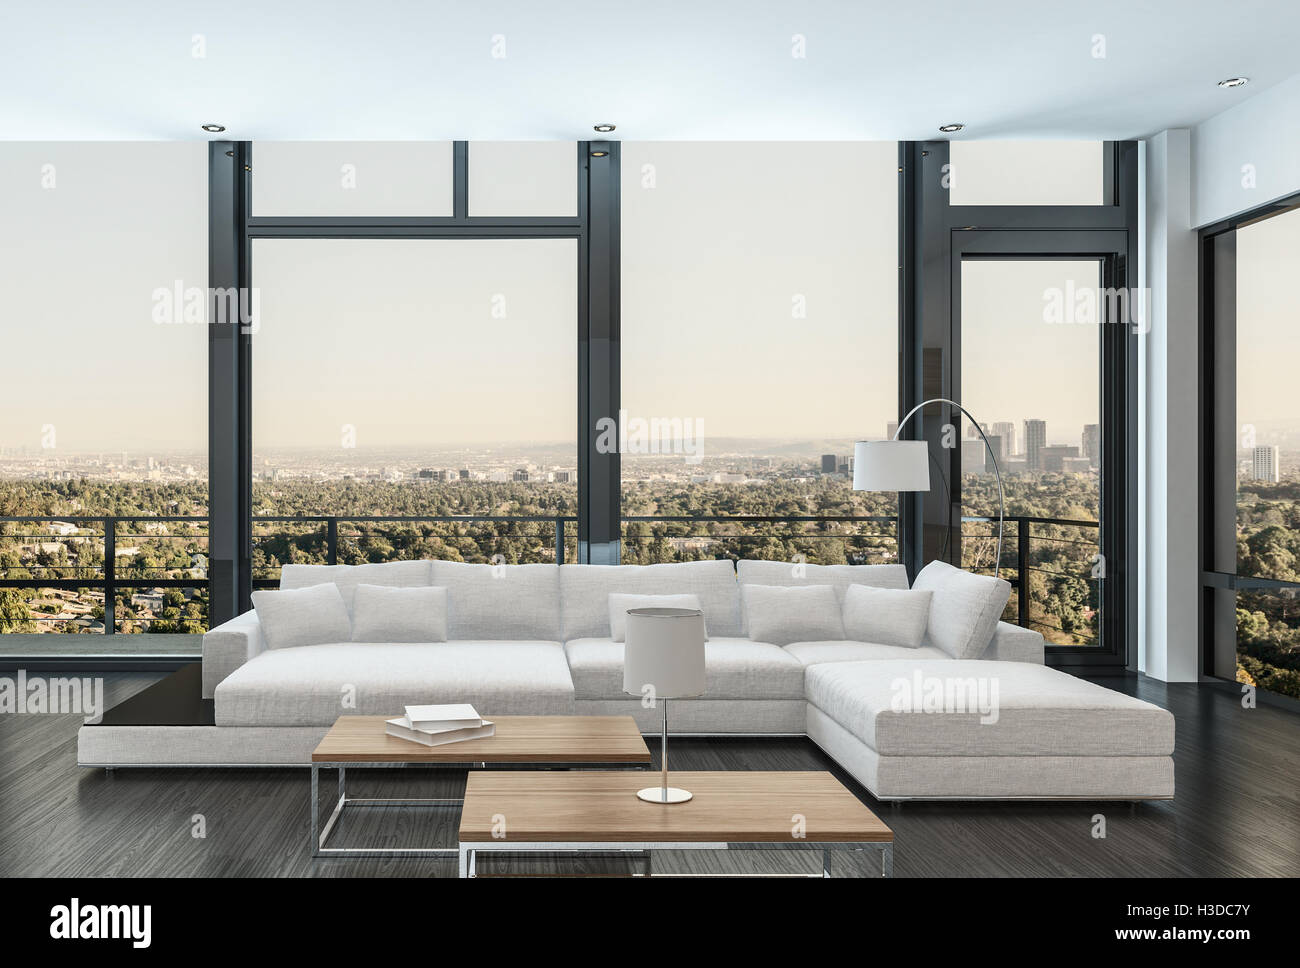 groe moderne weie kombinierbares und tagesbett in einem luxus wohnung wohnzimmer interieur mit fuboden zudecke fenster mit blick auf eine uere patio - Modernes Tagesbettgestell